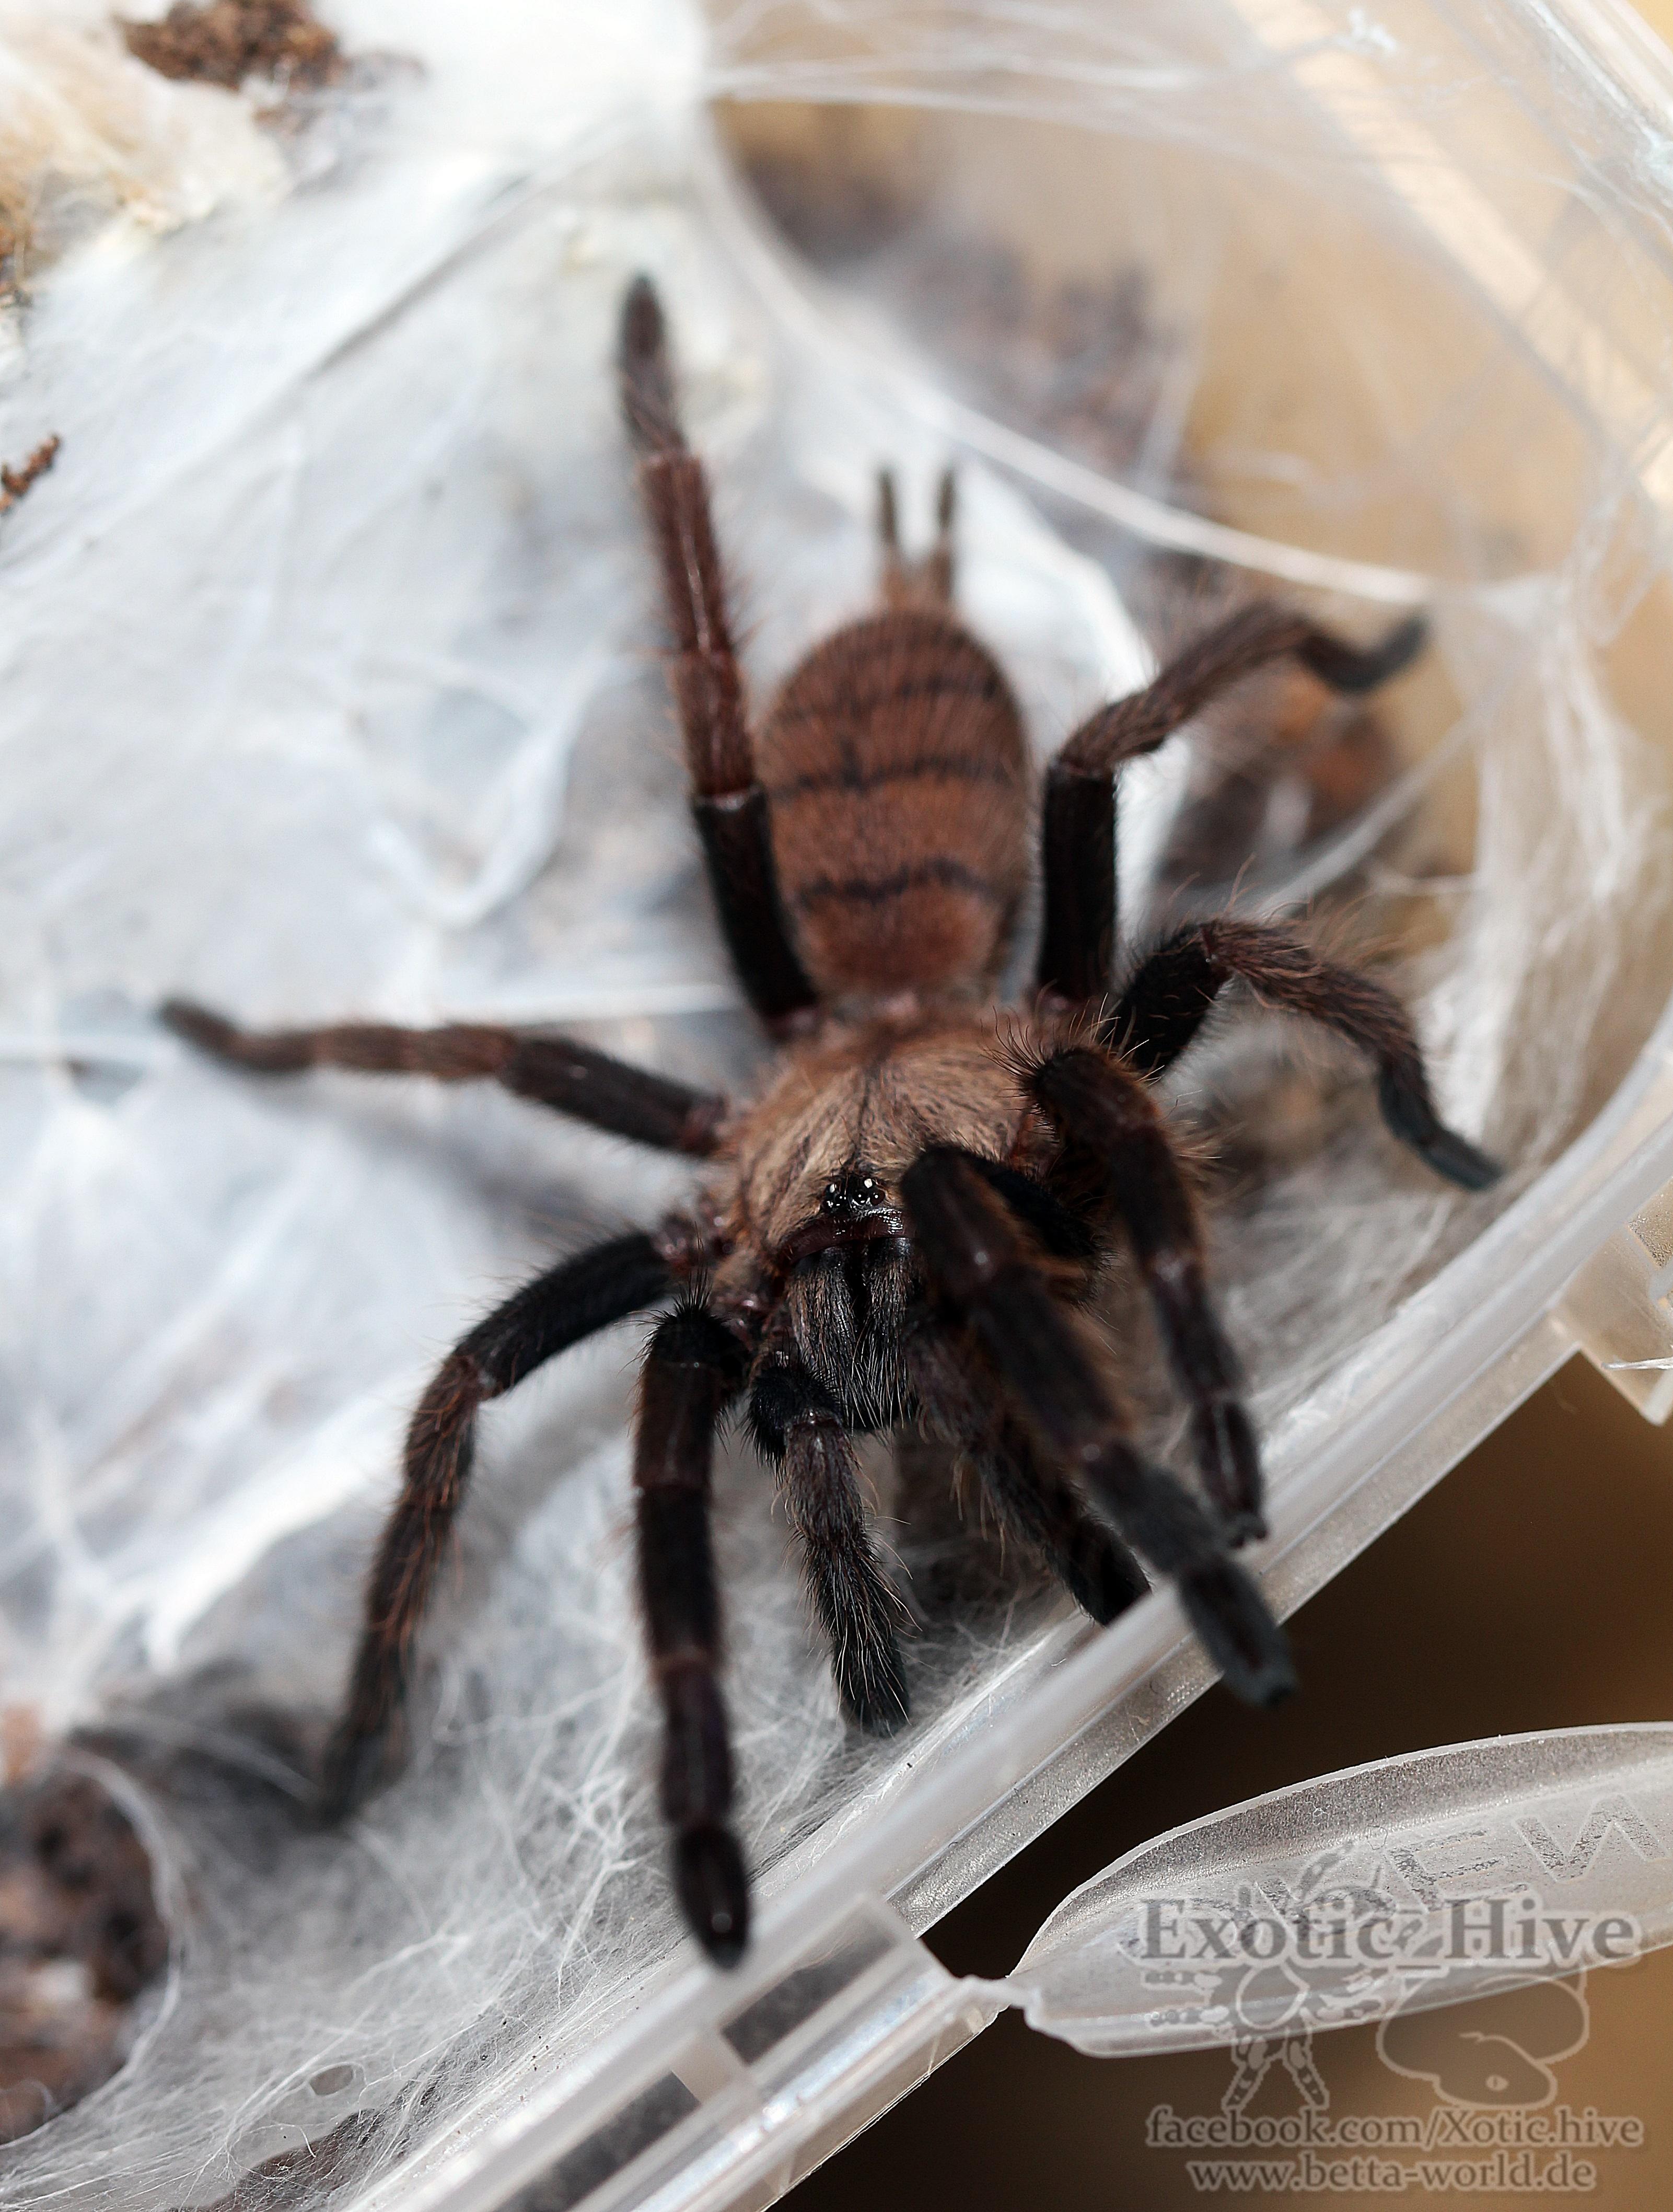 Chilobrachys firmbriatus 0.0.1